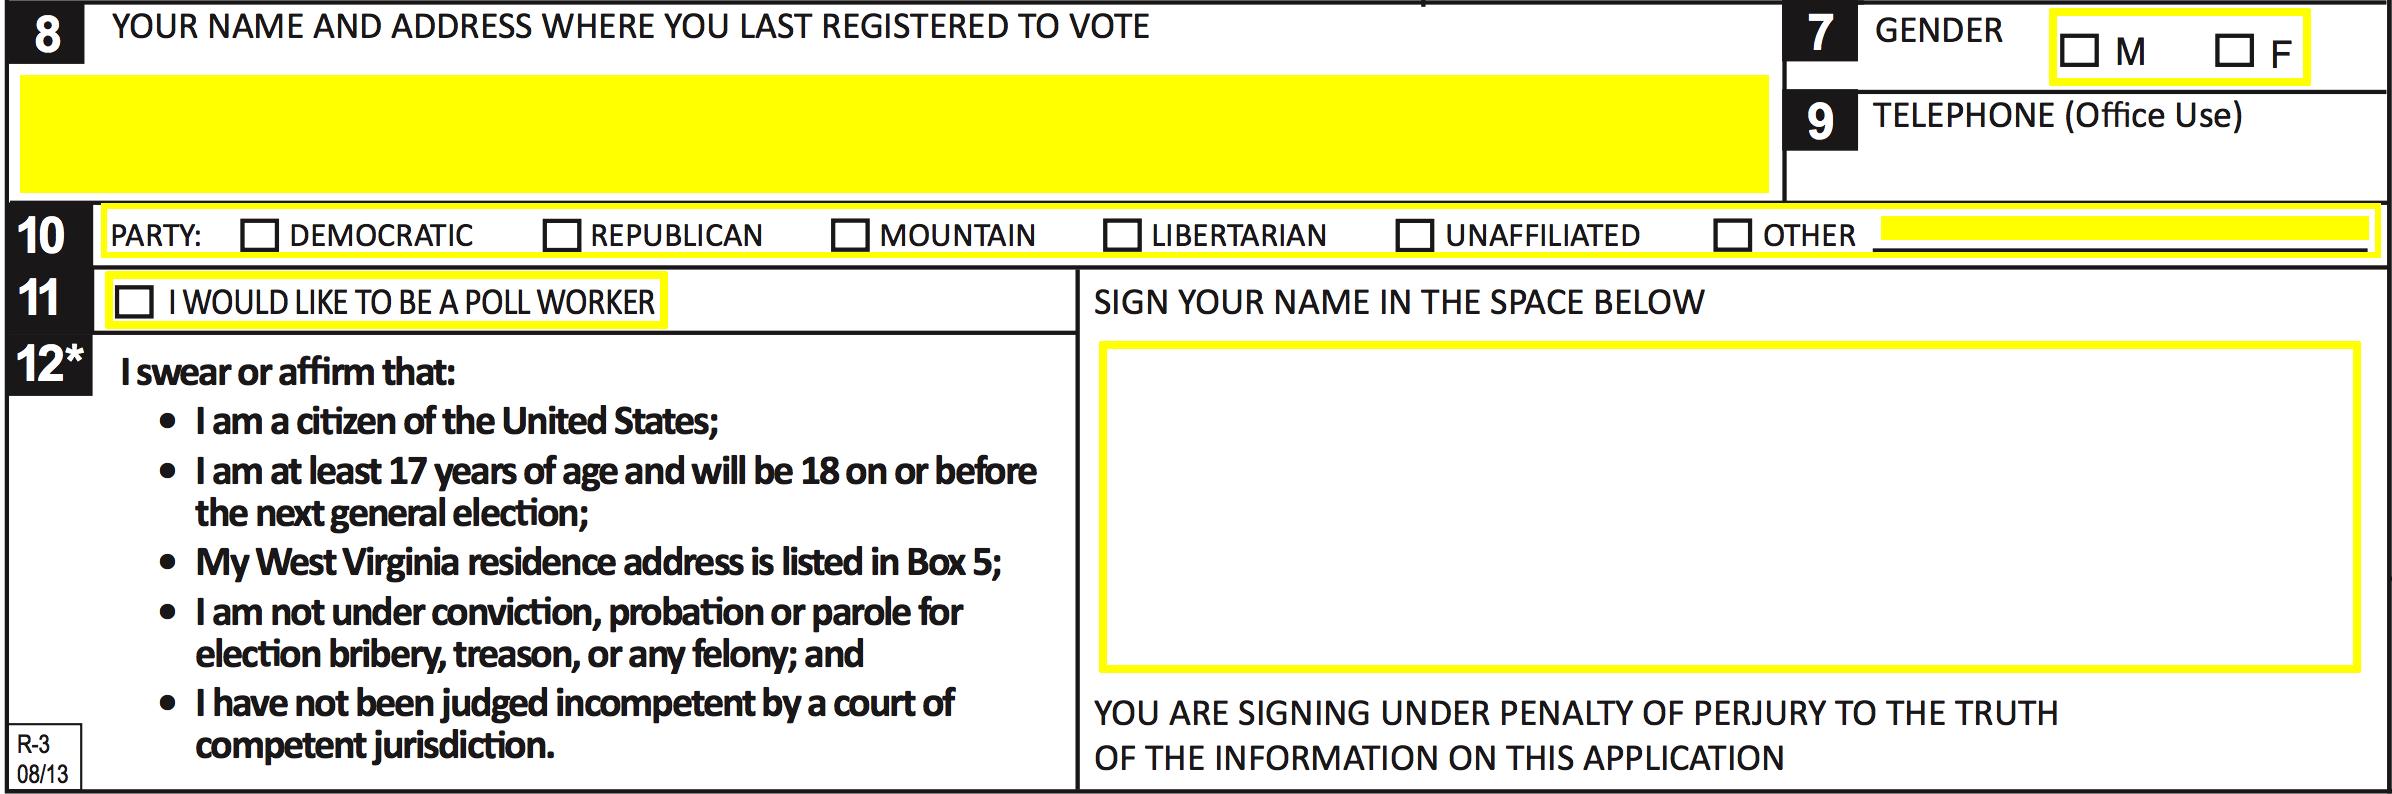 Free West Virginia Voter Registration Form - Register to